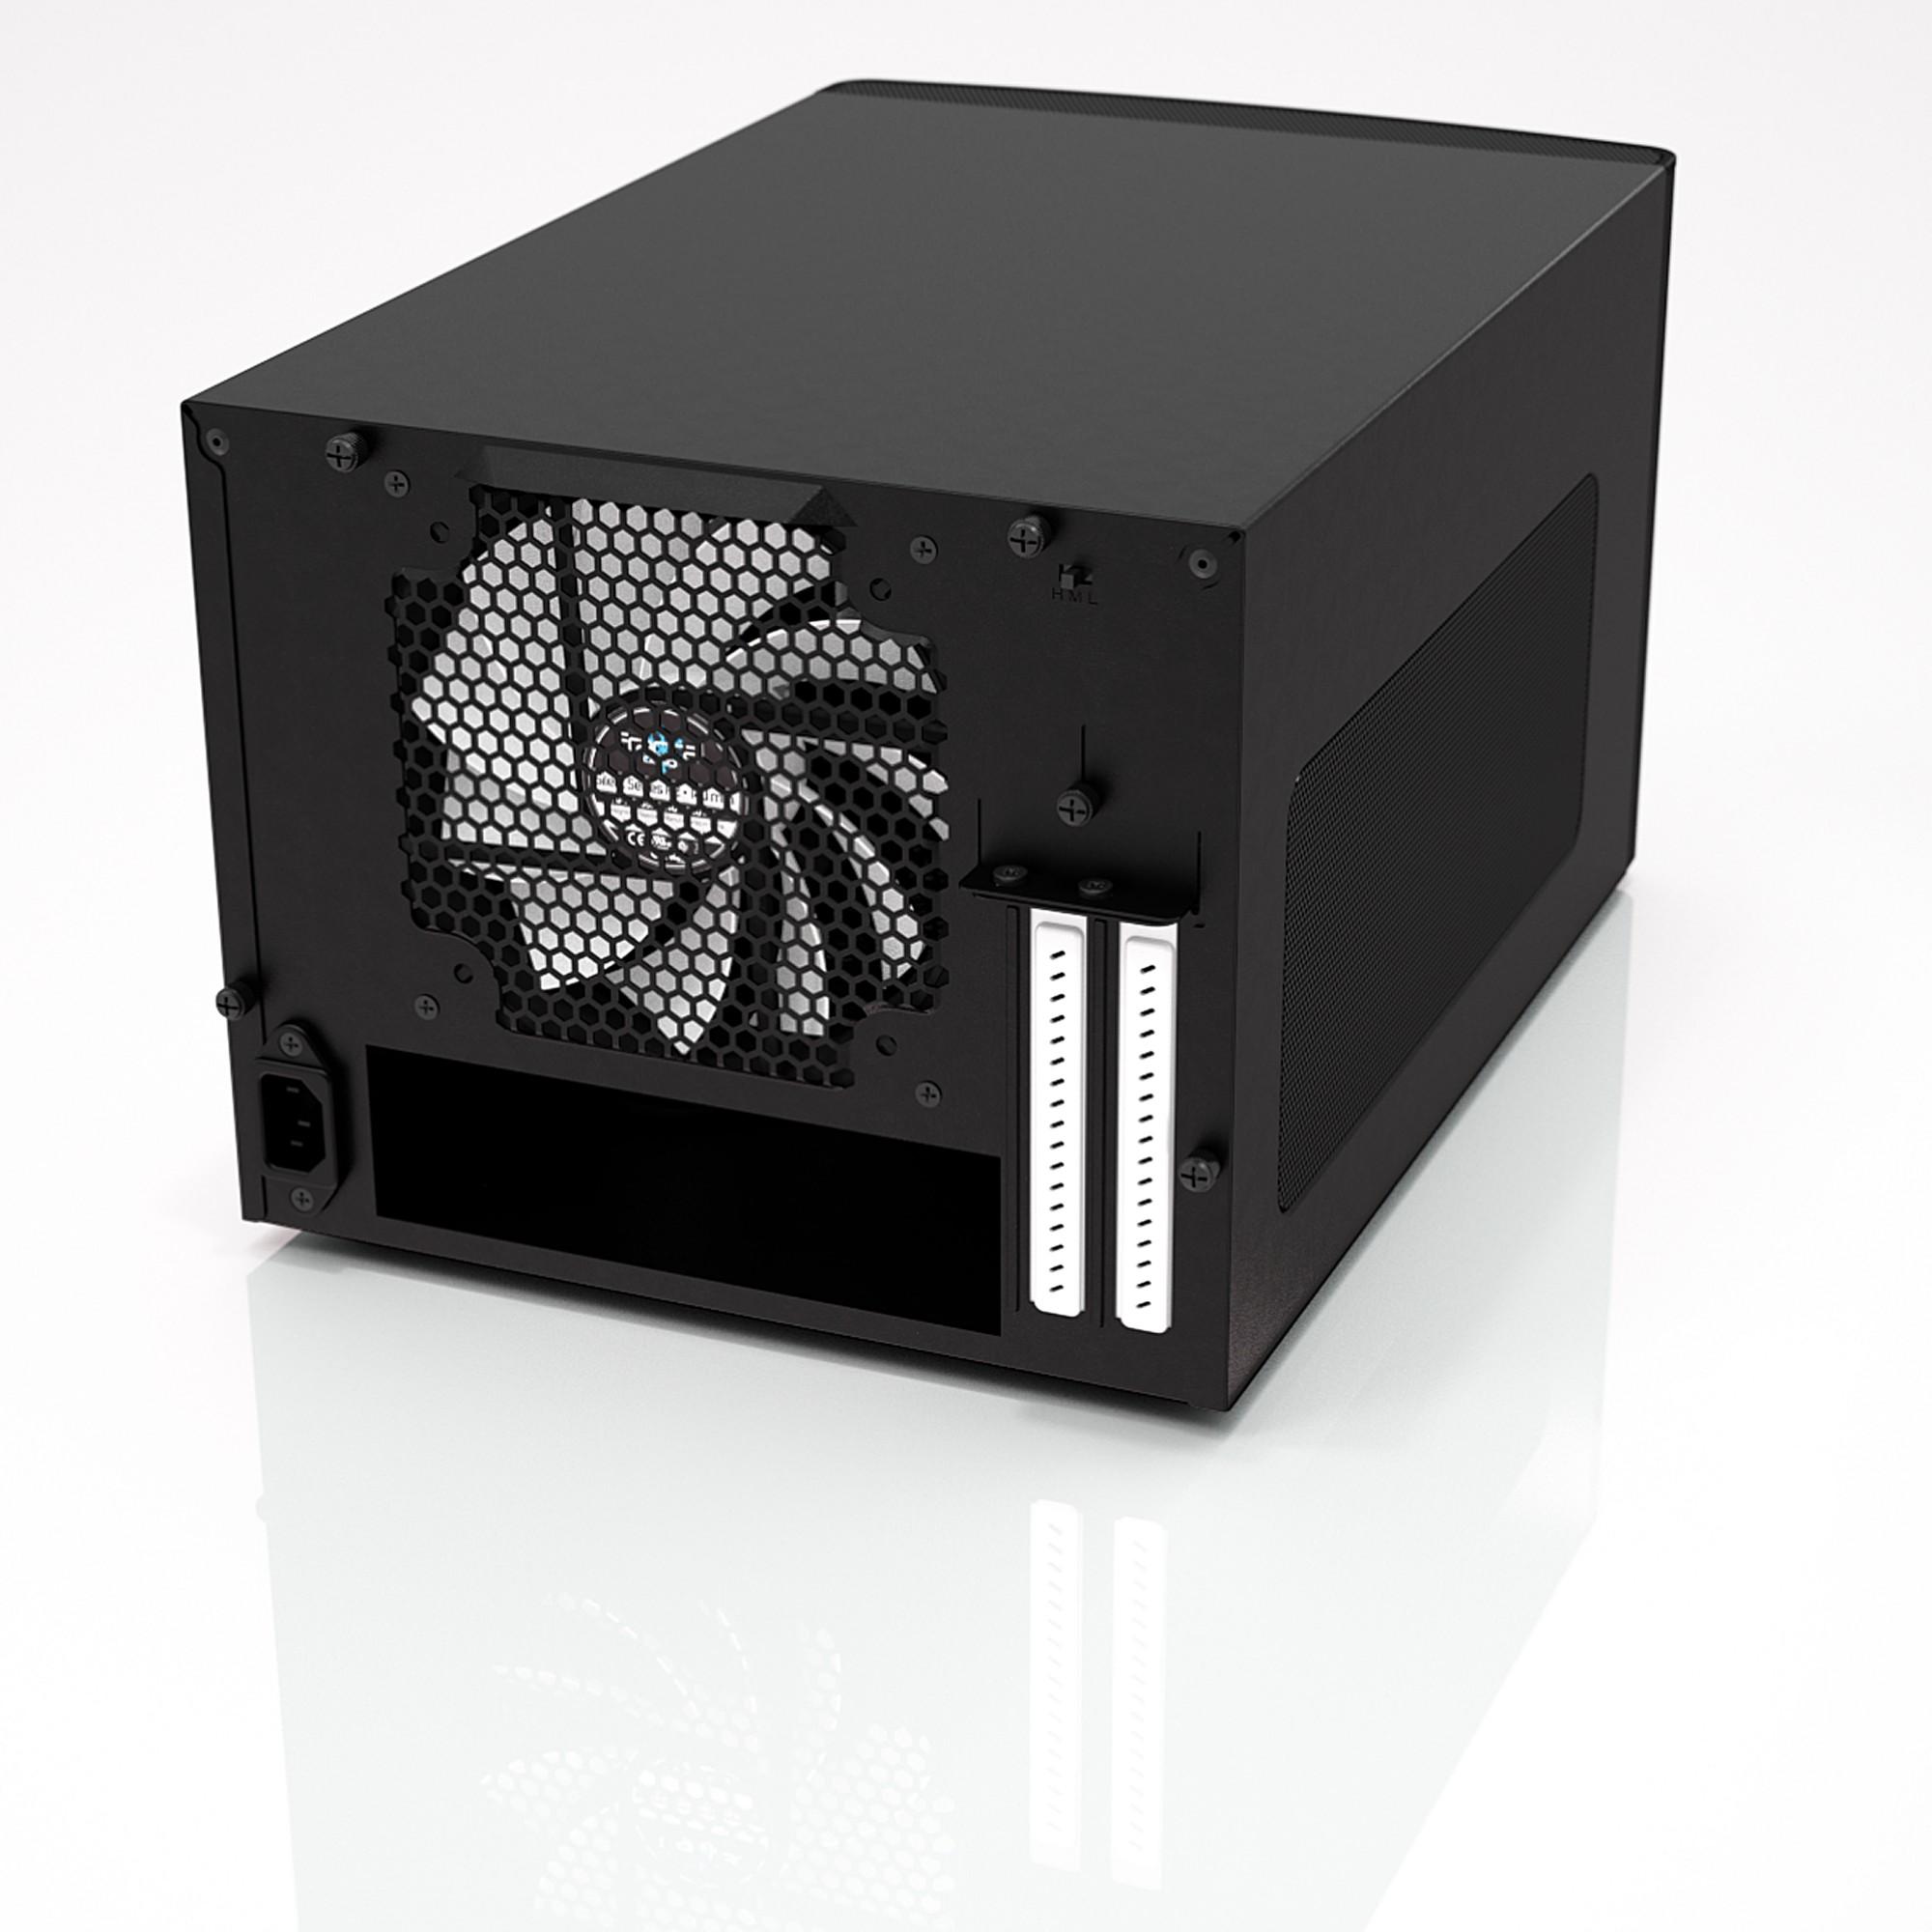 Fractal Design NODE 304 Black Computer Case